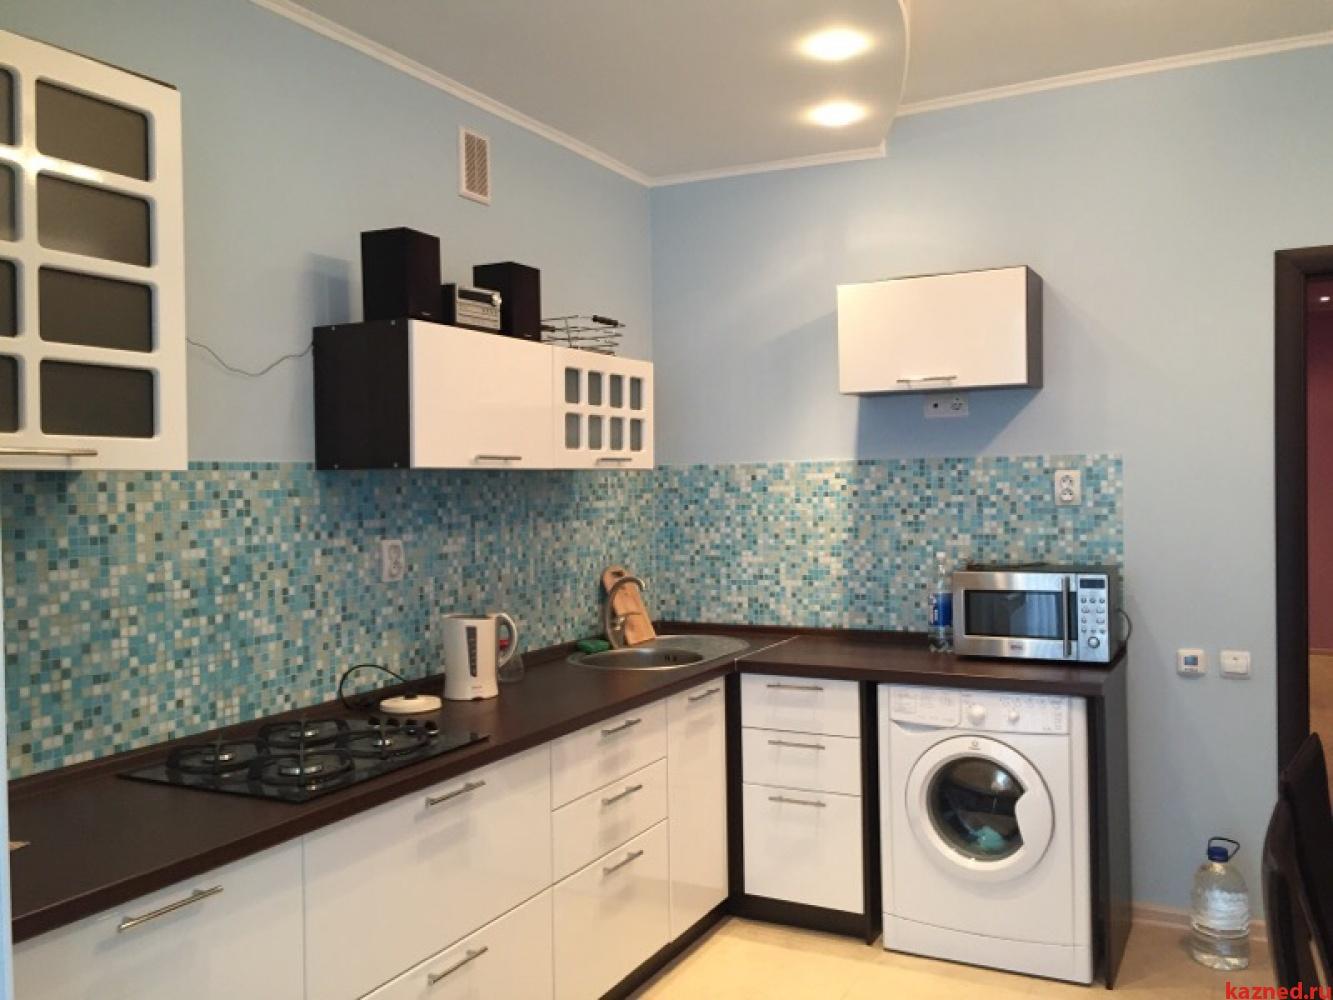 Продажа 1-к квартиры кариева дом 5, 45 м²  (миниатюра №13)